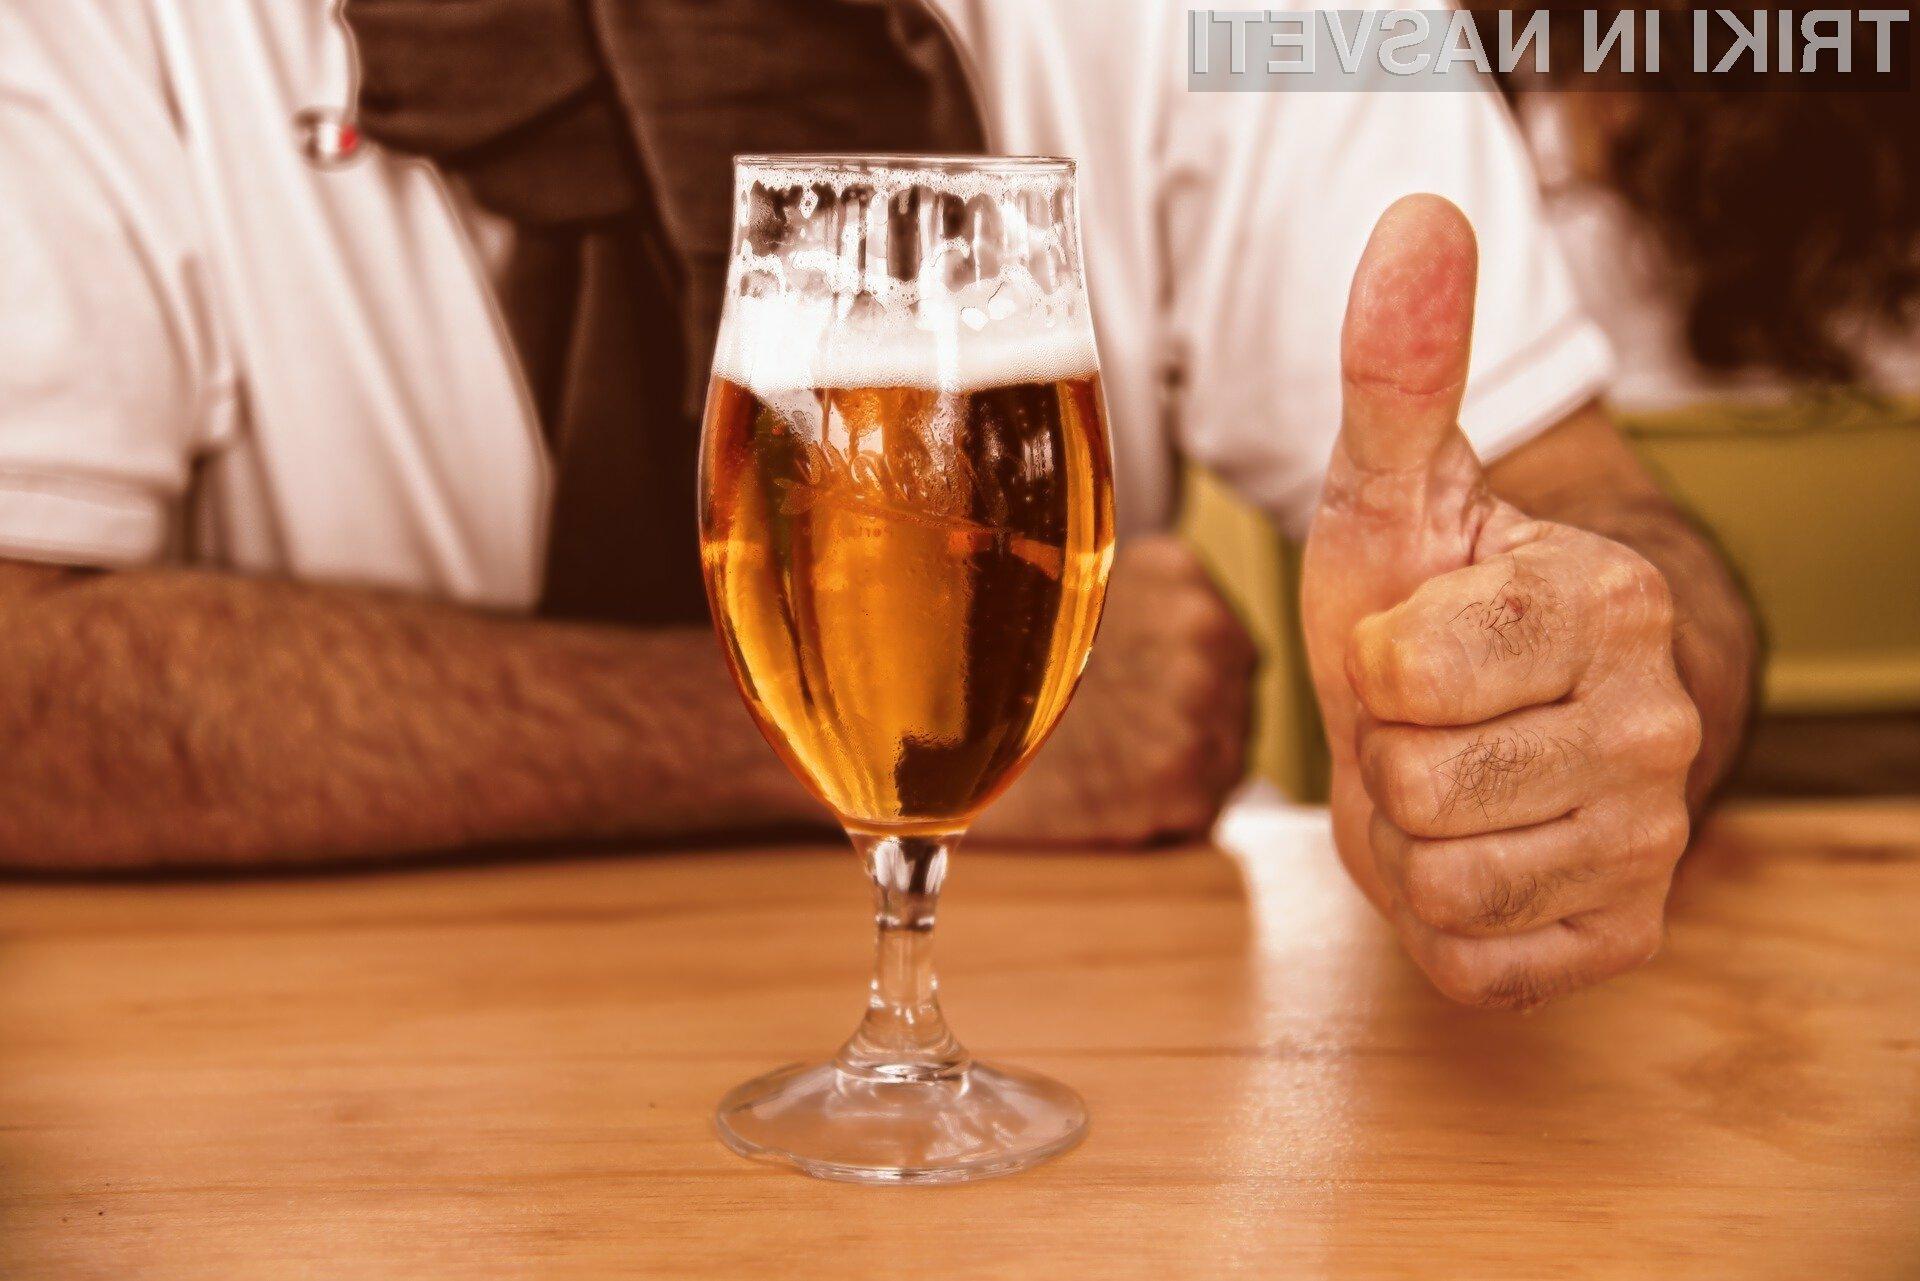 https://www.racunalniske-novice.com/triki/-najboljsih-aplikacij-za-vse-ljubitelje-piva.html?RSS3438000a19ea86b96c7c0b13f2195033